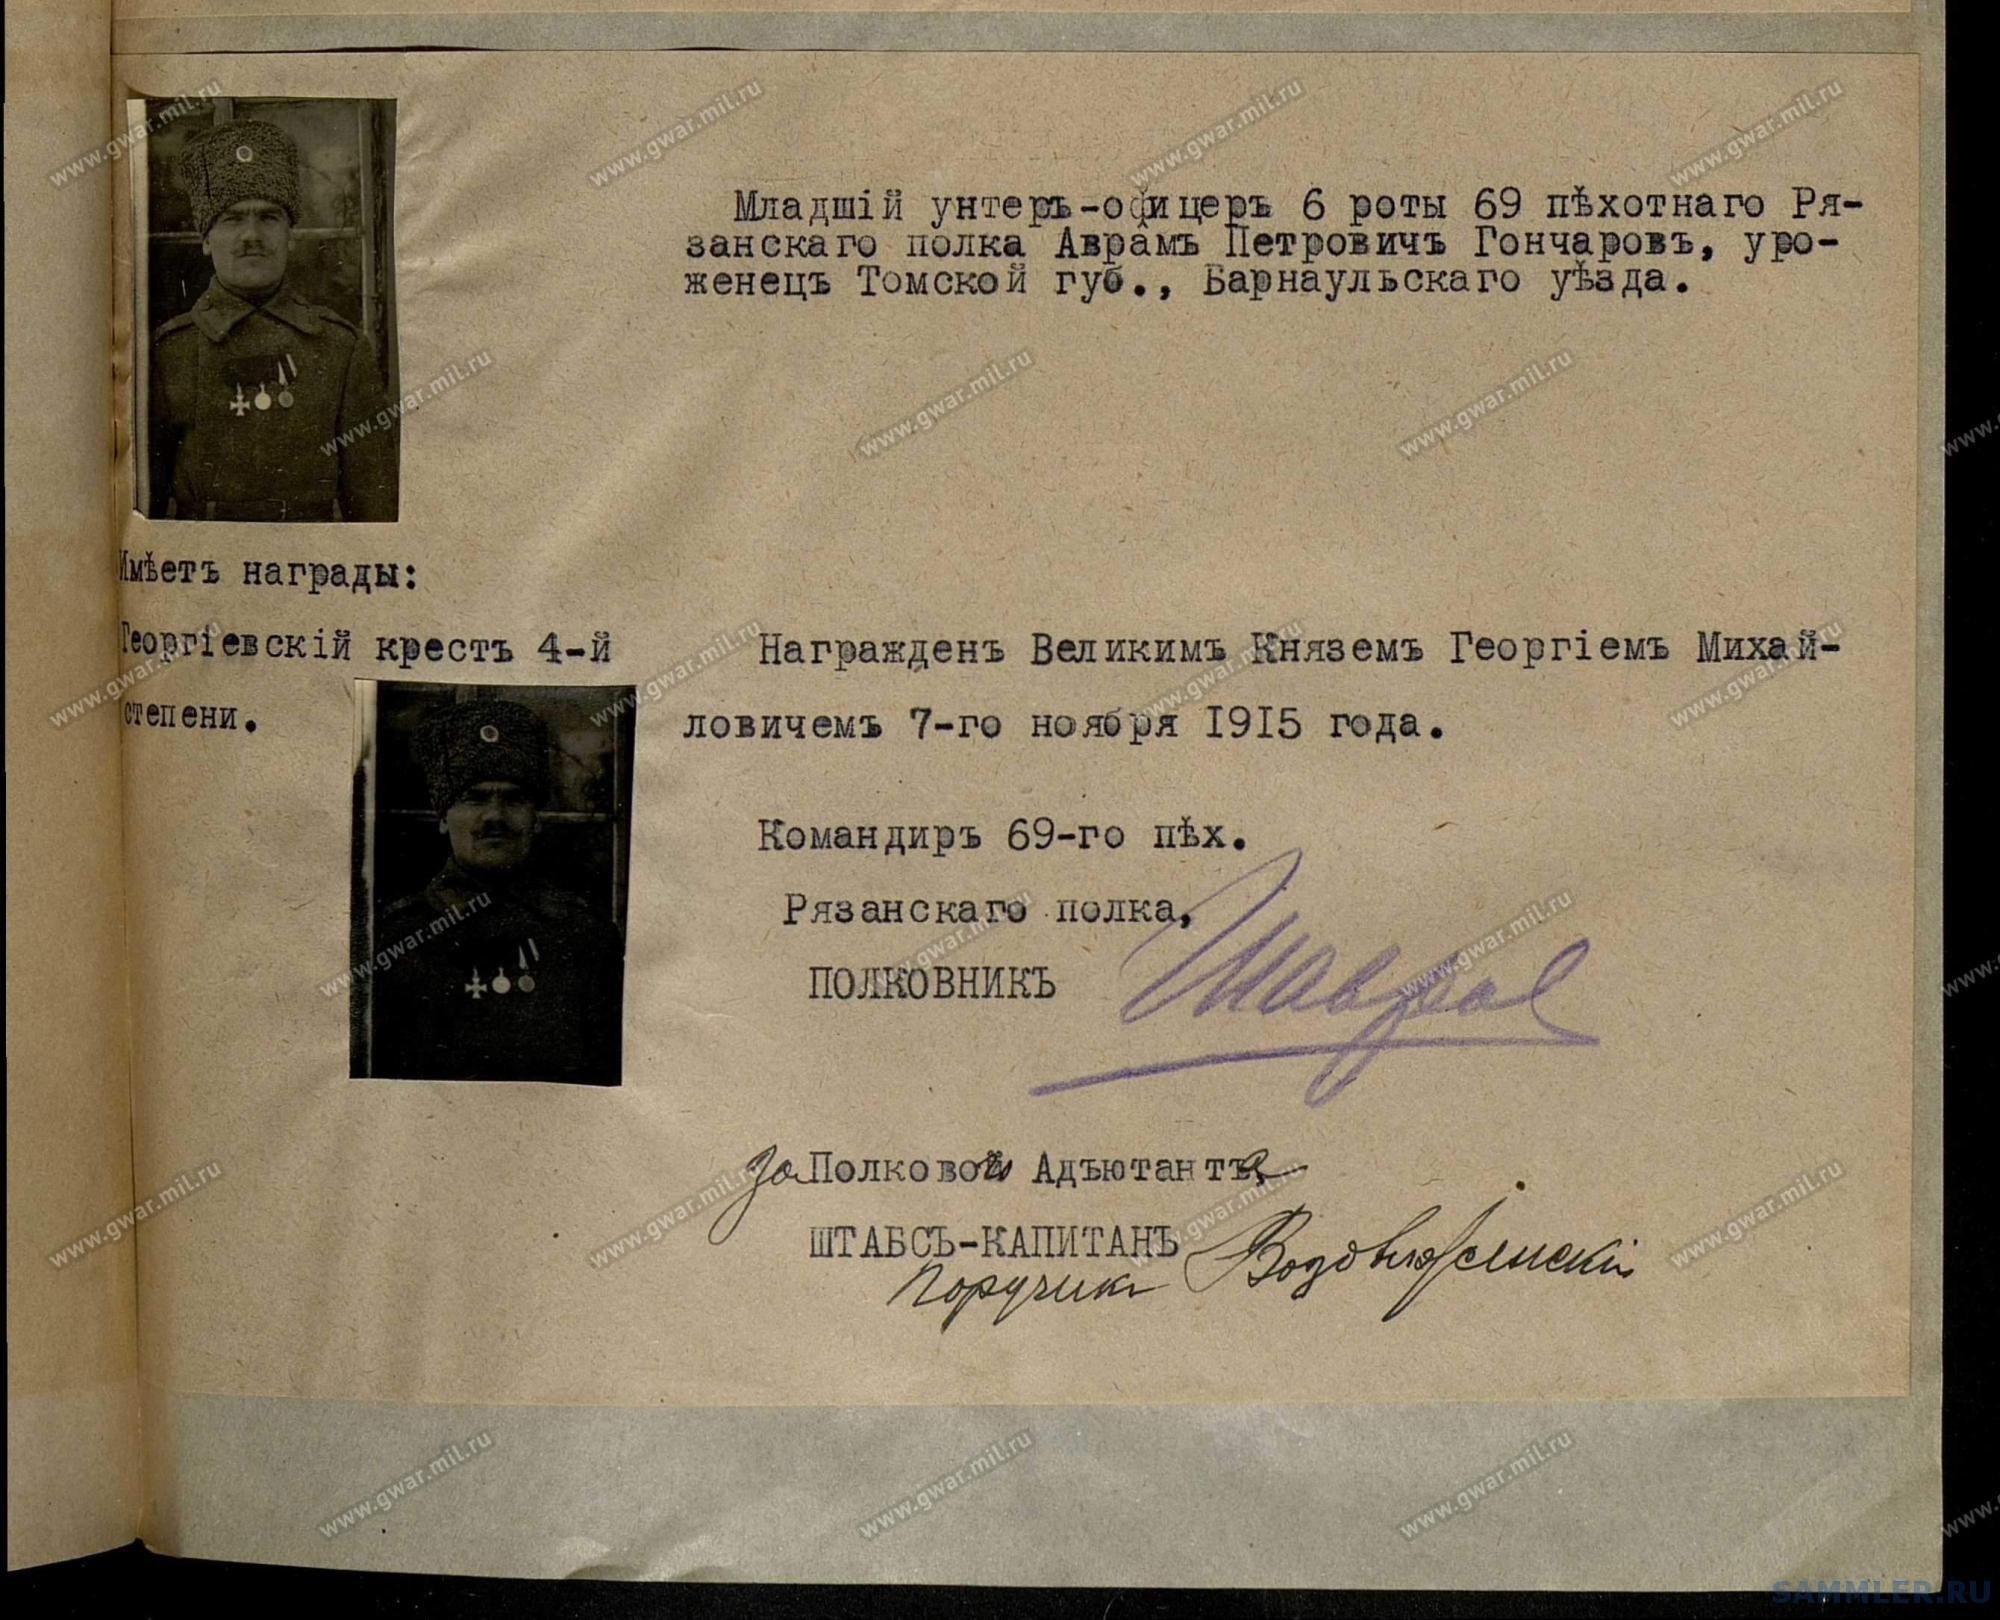 ! 69-й пех. Рязанский полк - 261_002.jpg